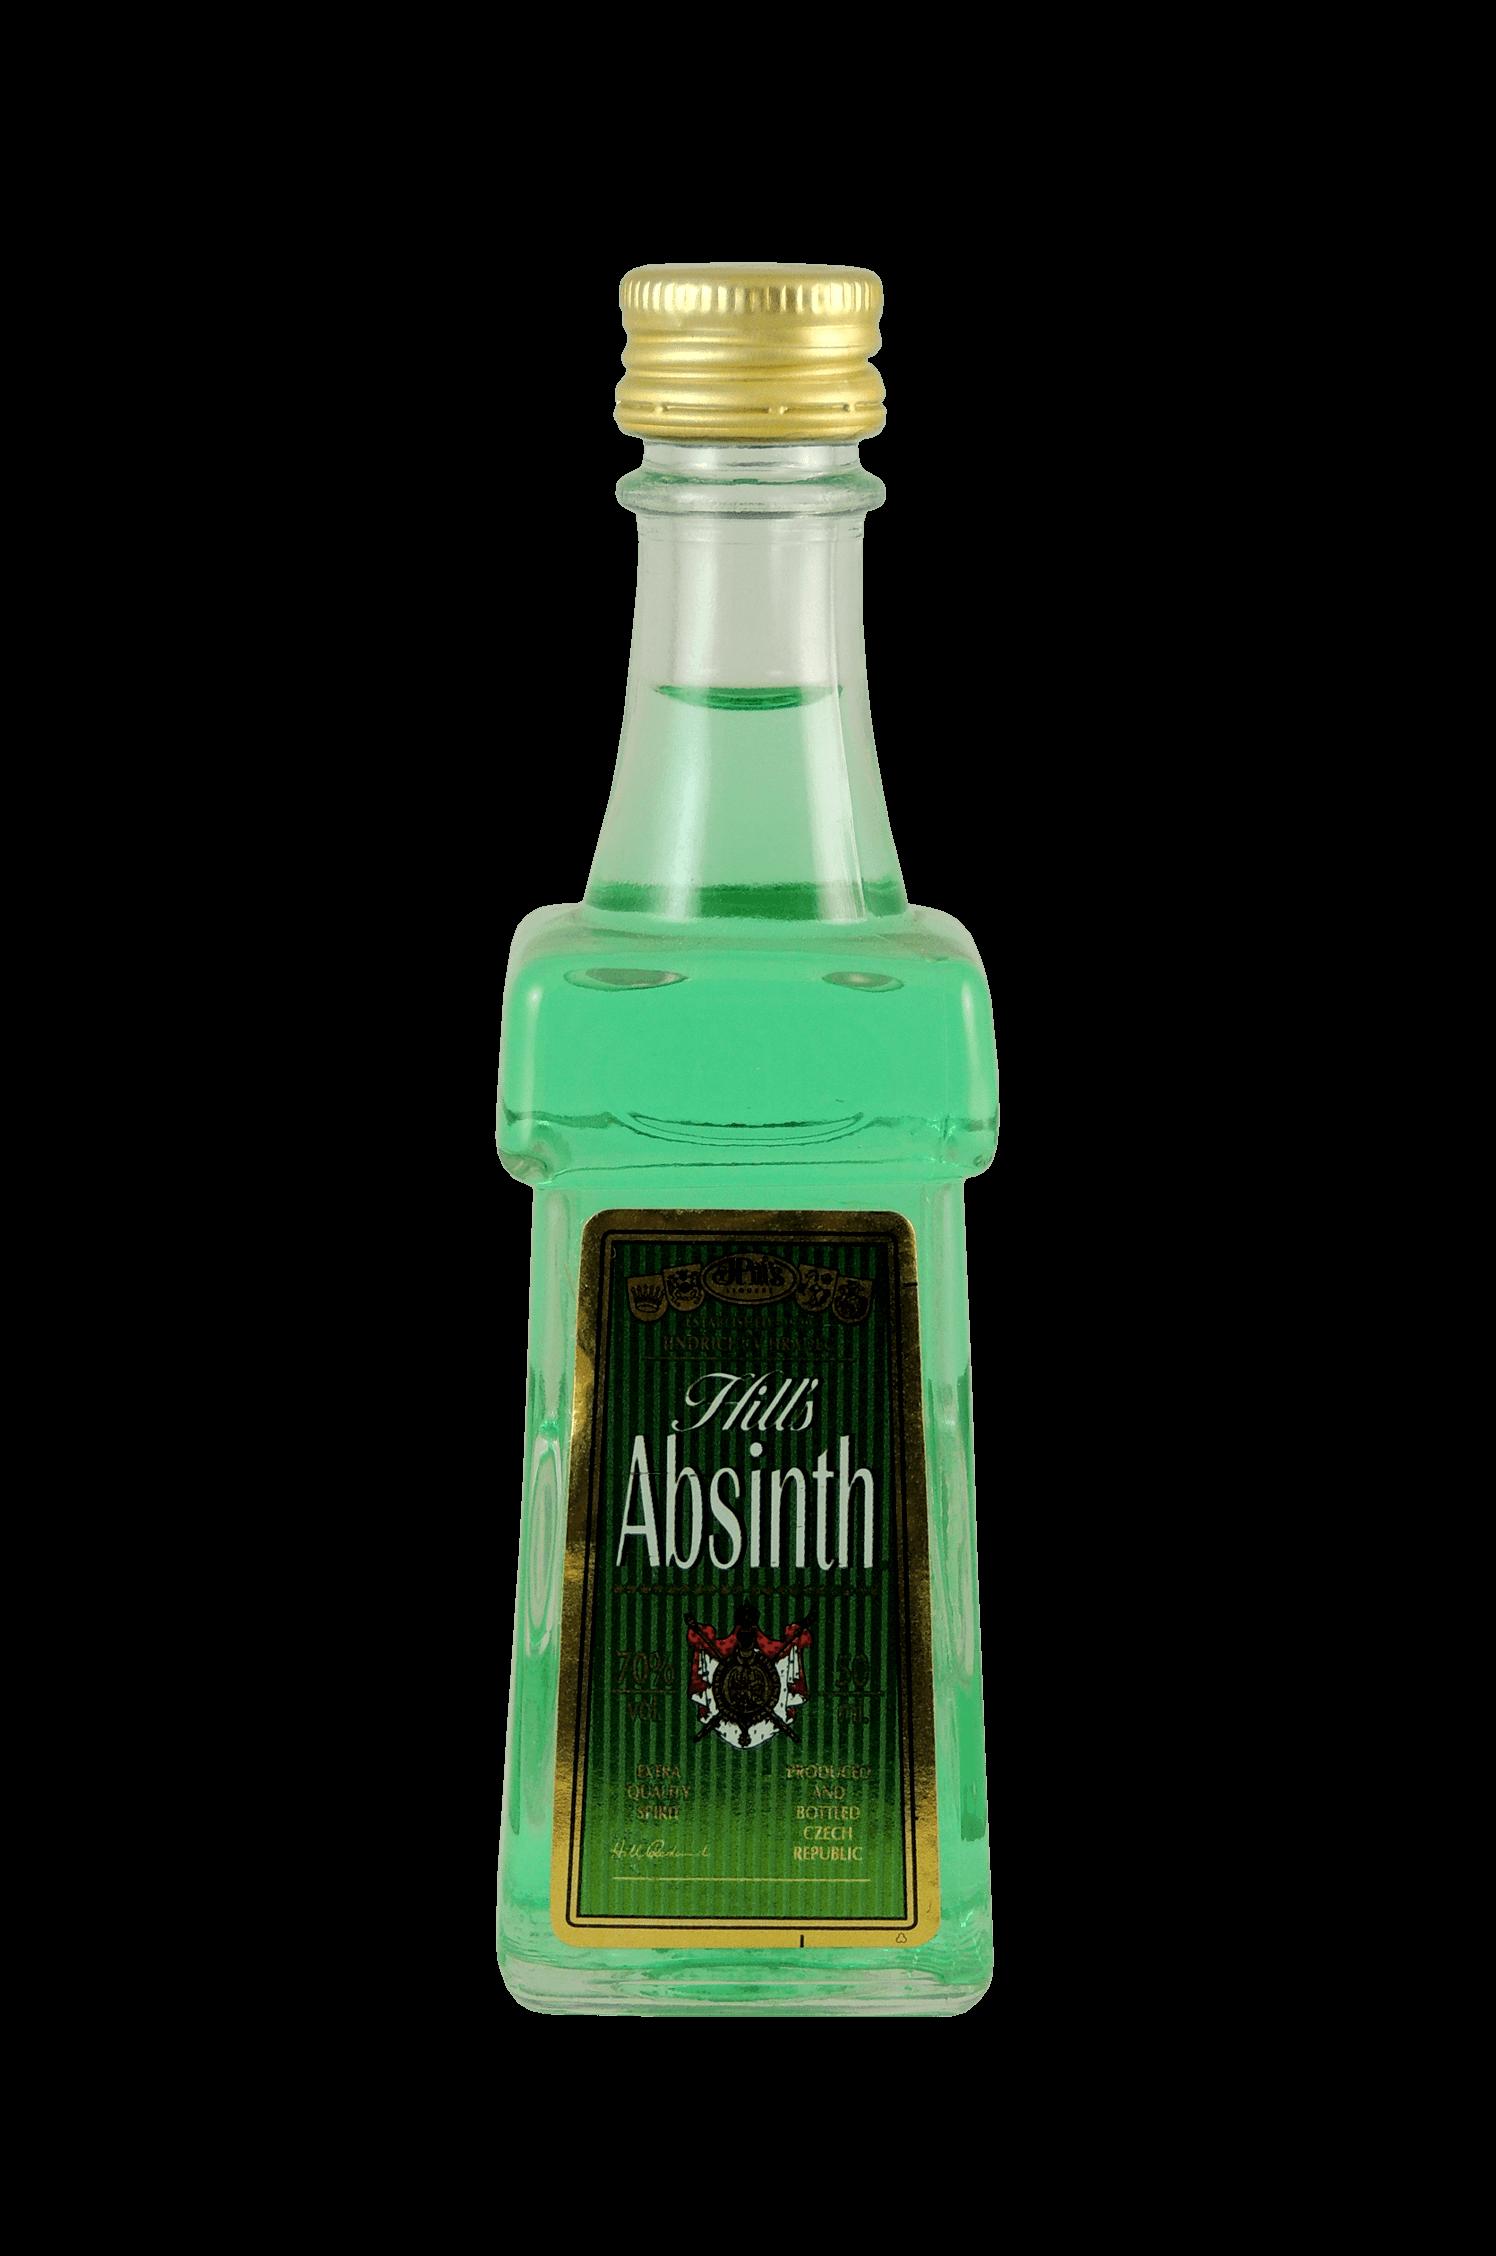 Hill's Absinth